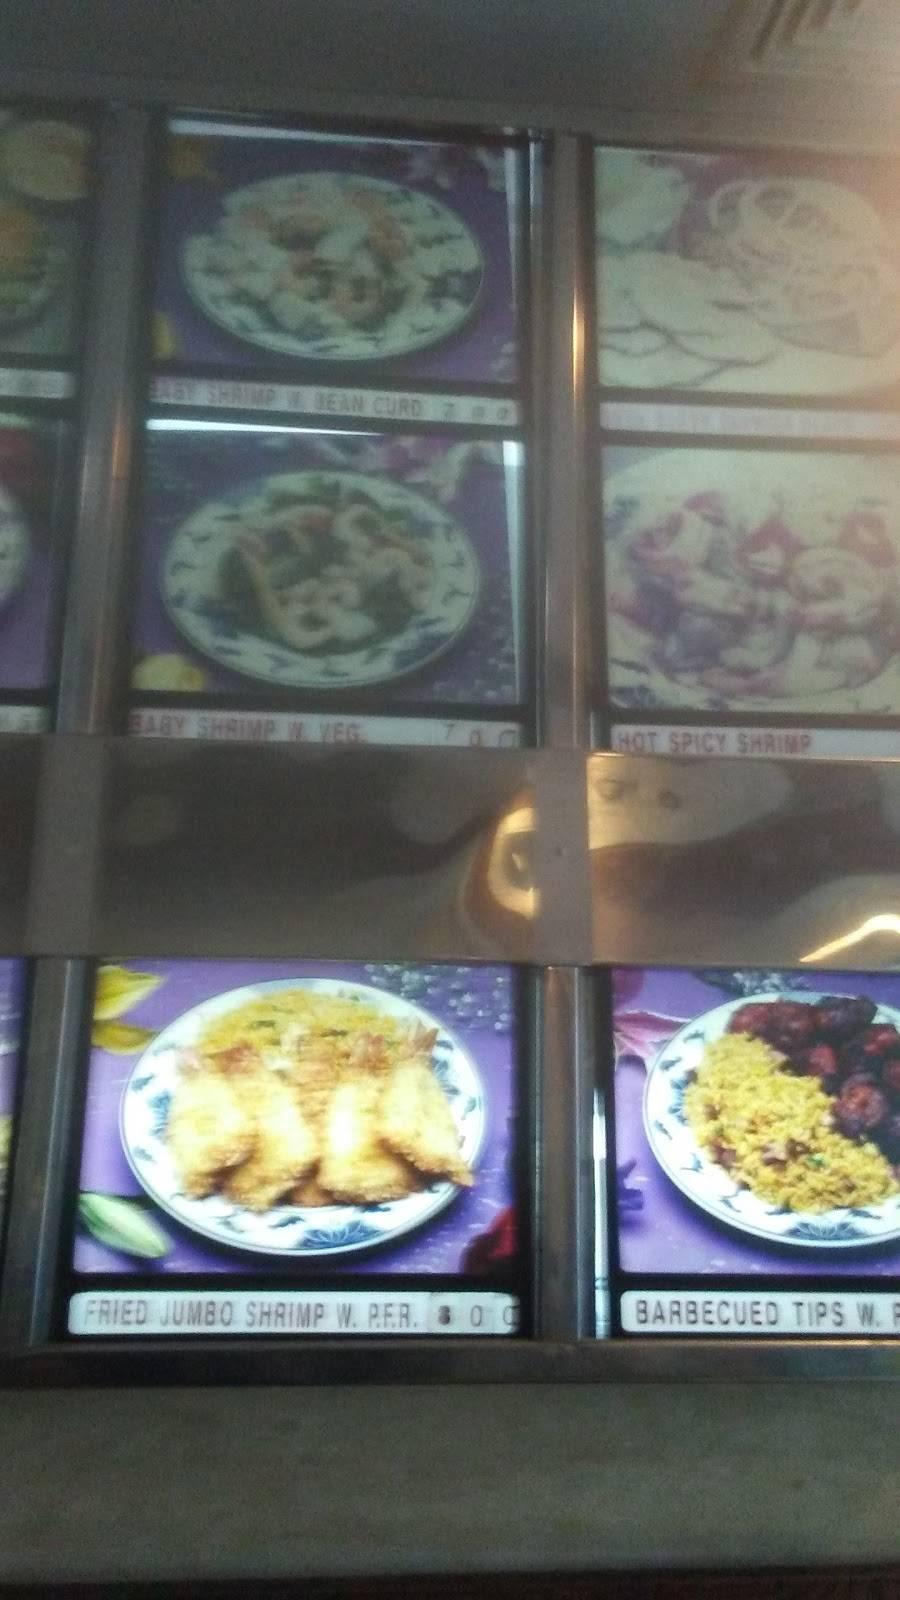 Happy Dragon   restaurant   3388 Jerome Ave, Bronx, NY 10467, USA   7182313388 OR +1 718-231-3388